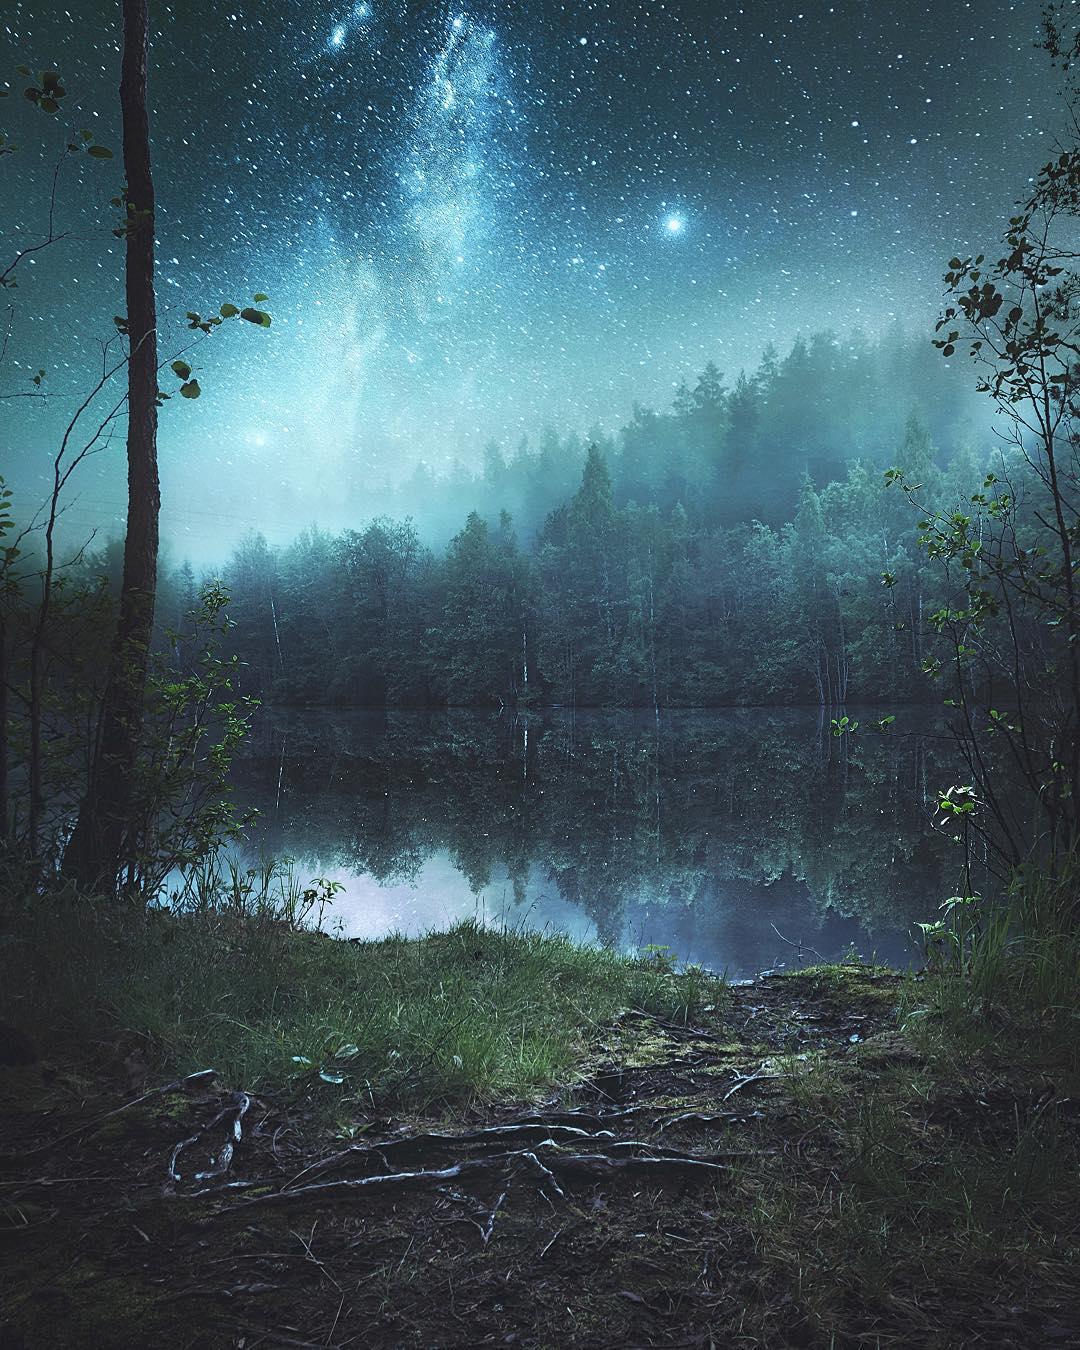 Звёздное небо и космос в картинках - Страница 39 ZSPQuaFJ4g0